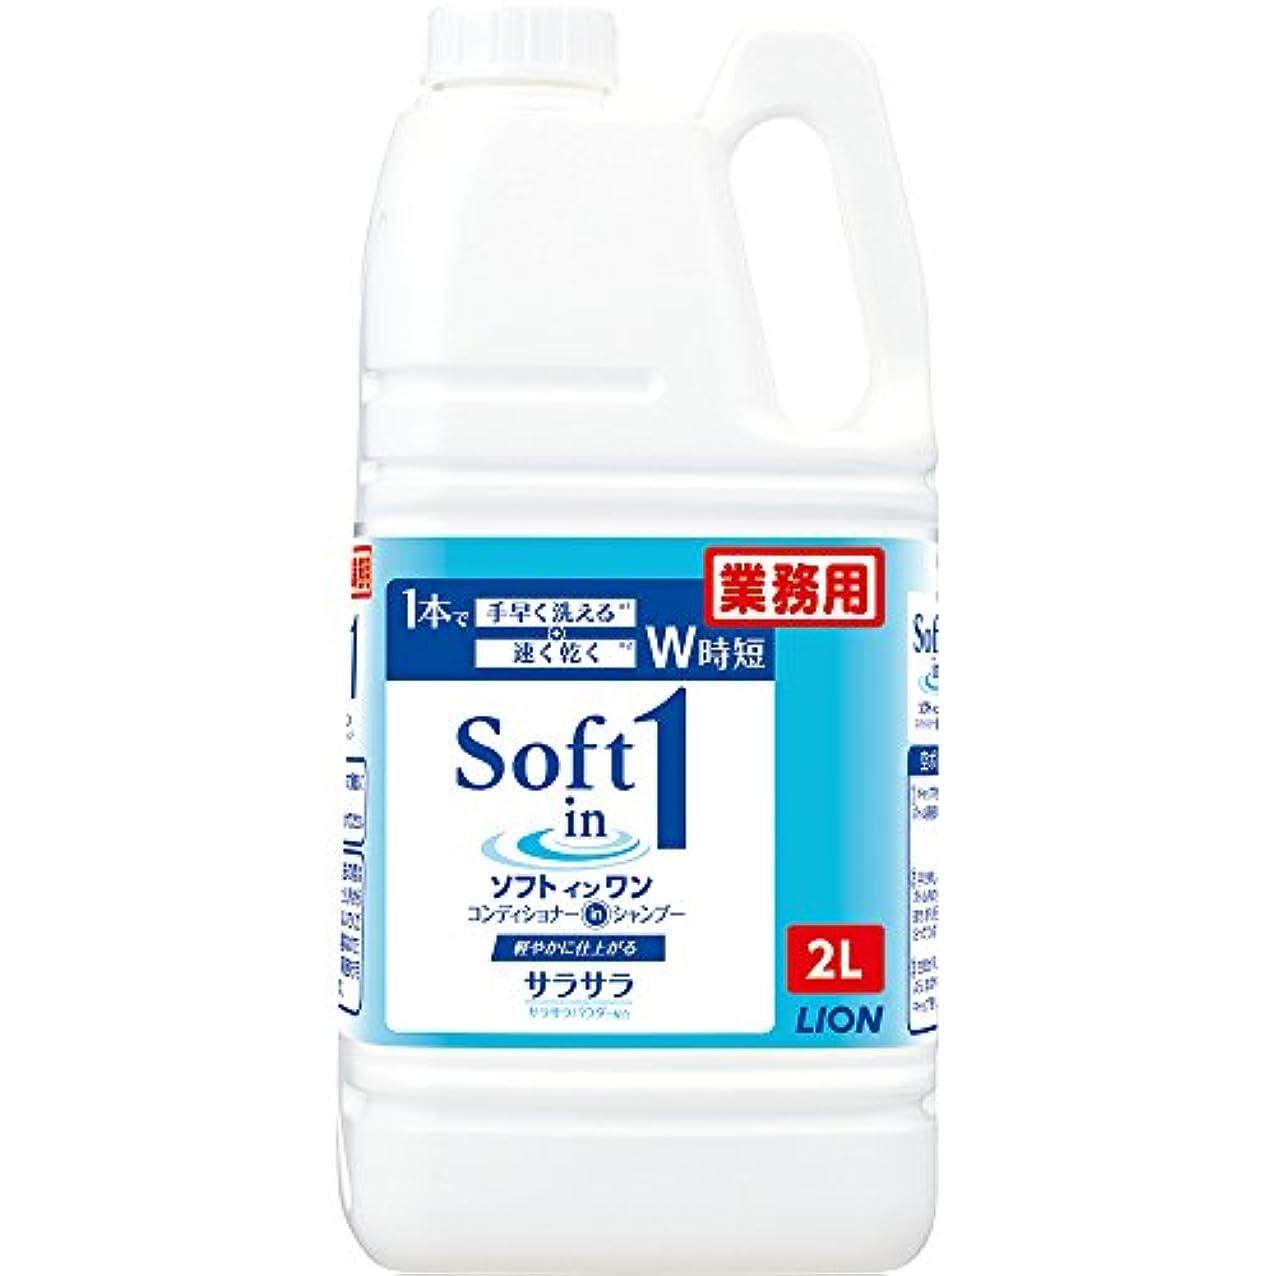 スチュワーデス検査官免除【大容量】ソフトインワンシャンプー 2L